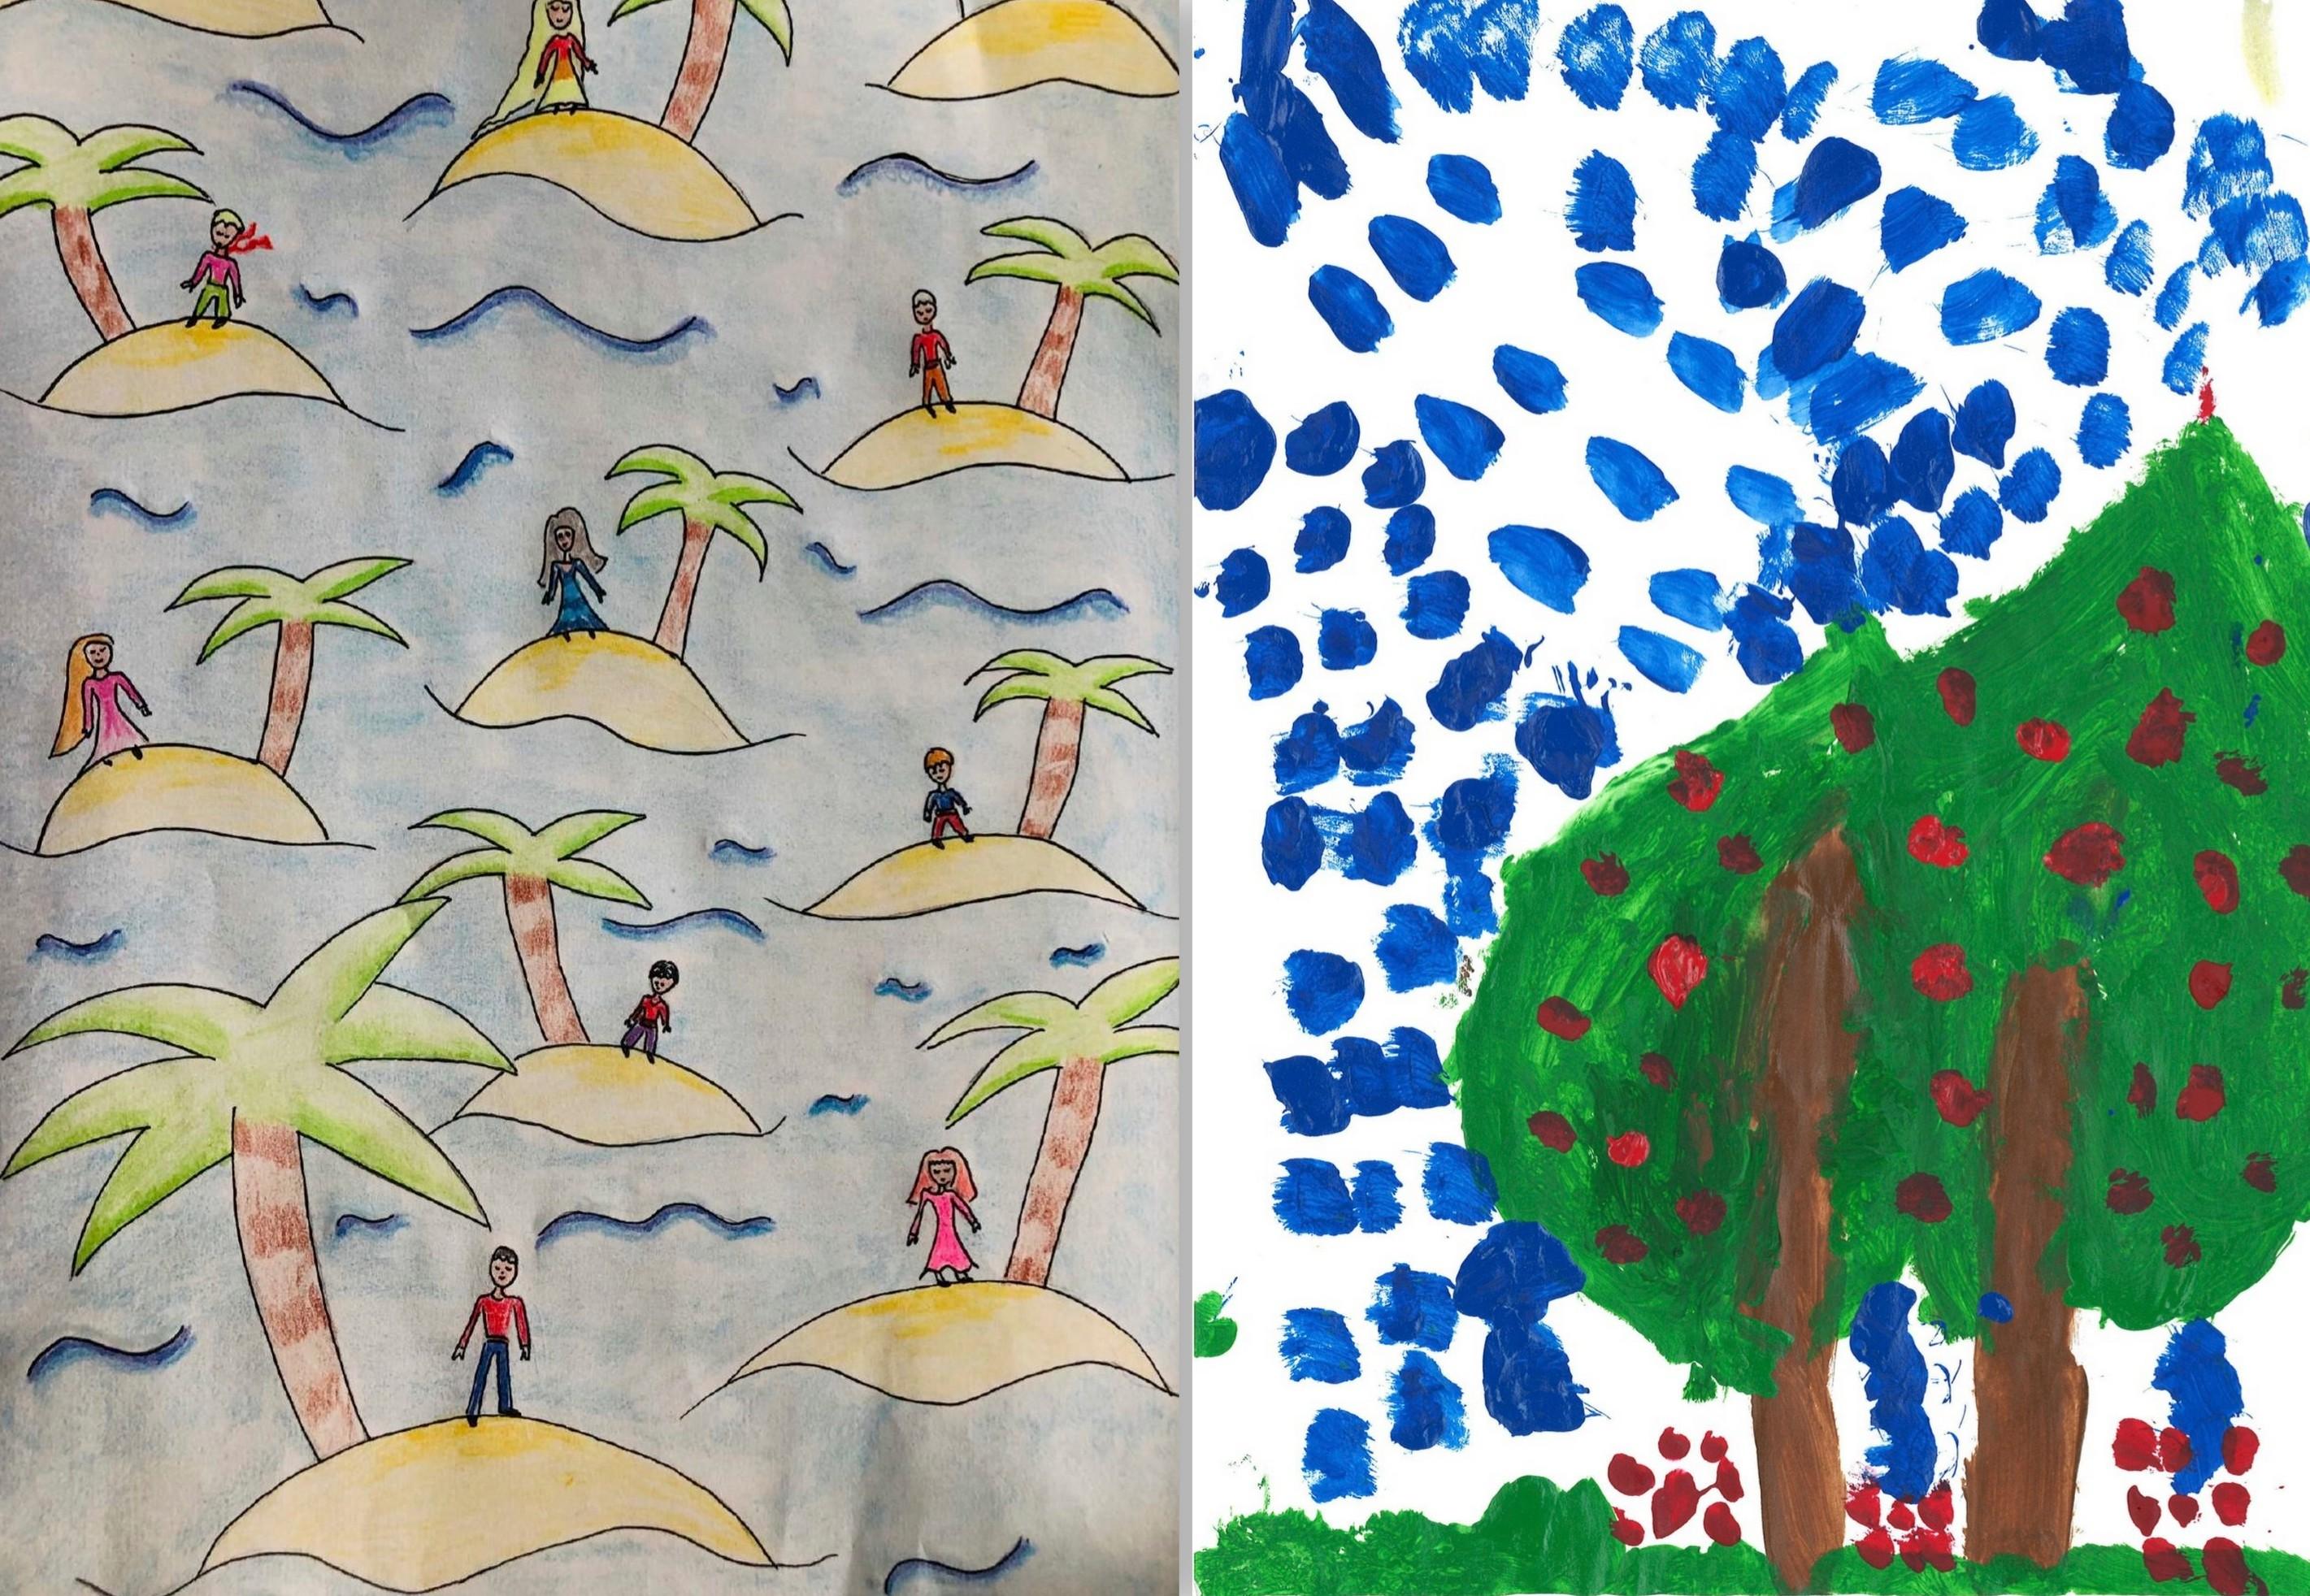 Exposition galerie kamel Mennour - Stella, 12 ans et Violette, 7 ans